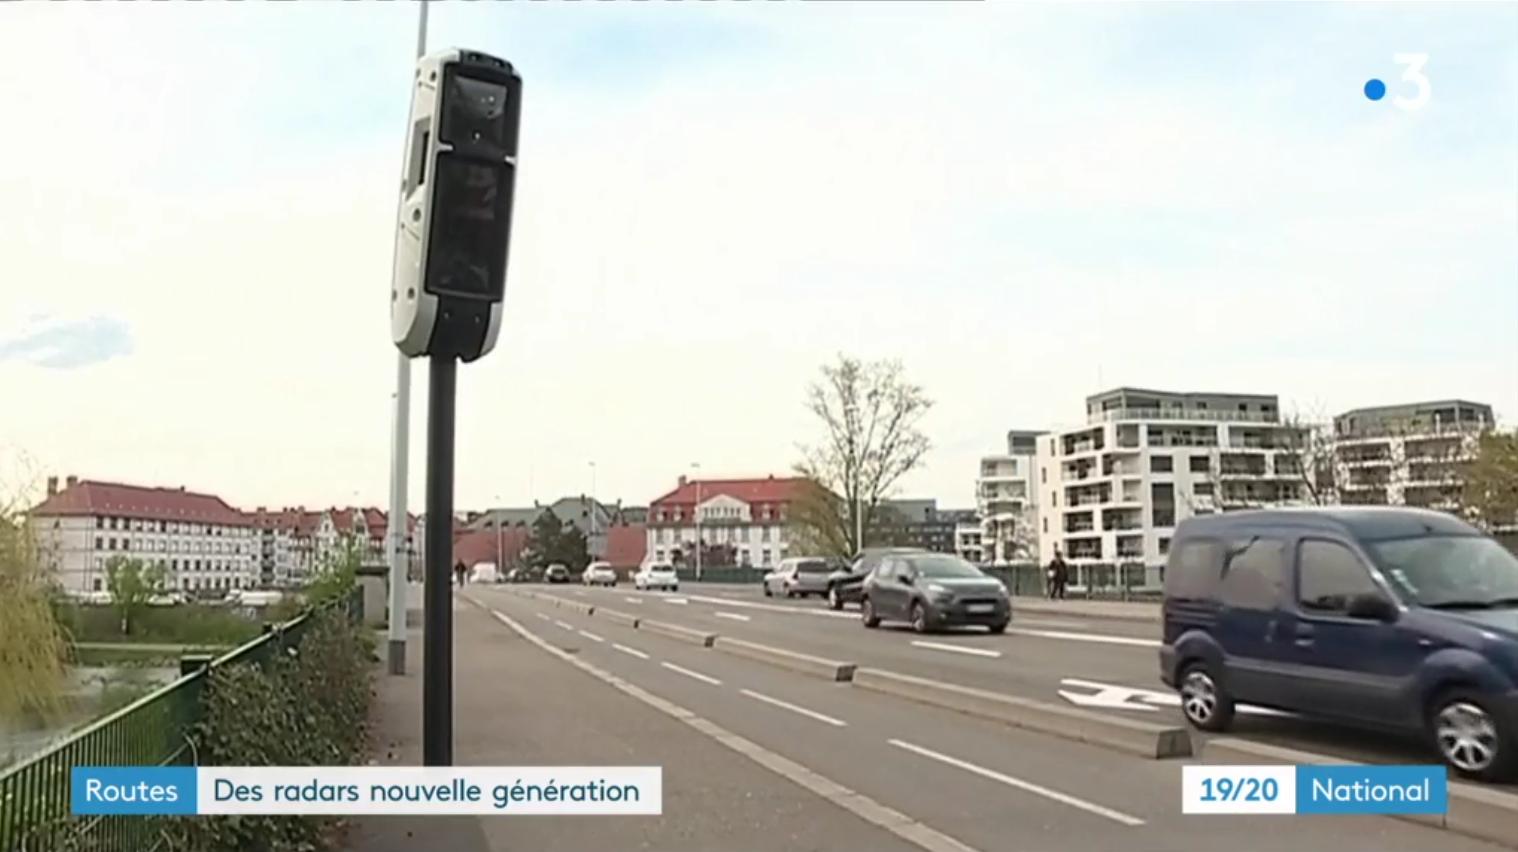 Routes : 400 radars nouvelle génération bientôt déployés sur le territoire (de ce qui ressemble de plus en plus à un État policier)